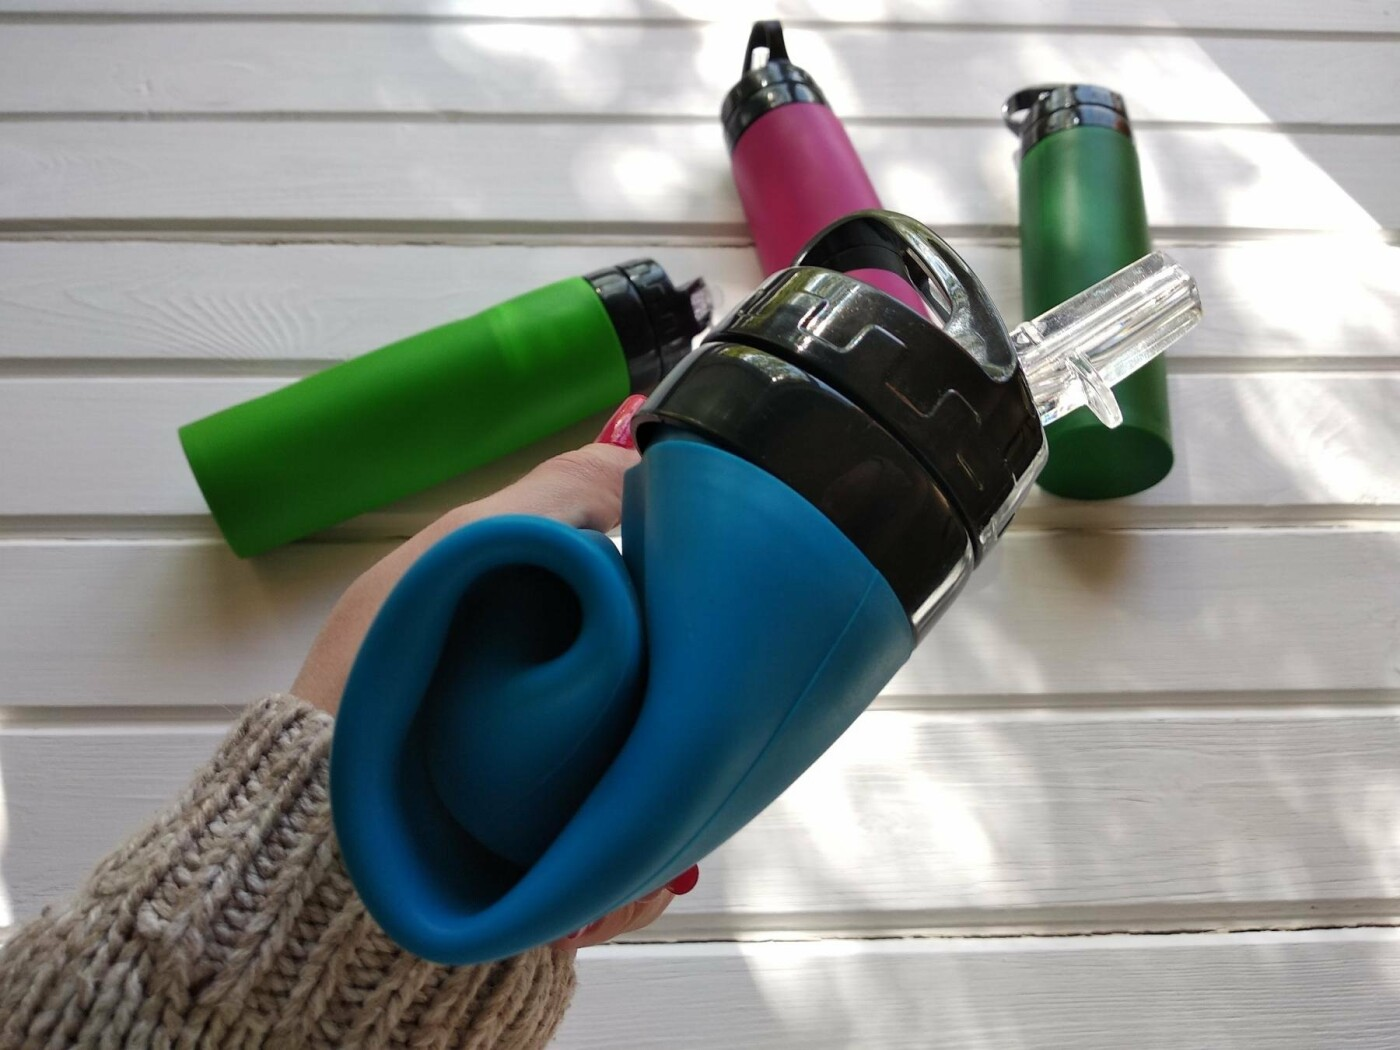 Топ-5 найбільш потрібних і незвичайних речей для школярів і студентів, фото-7